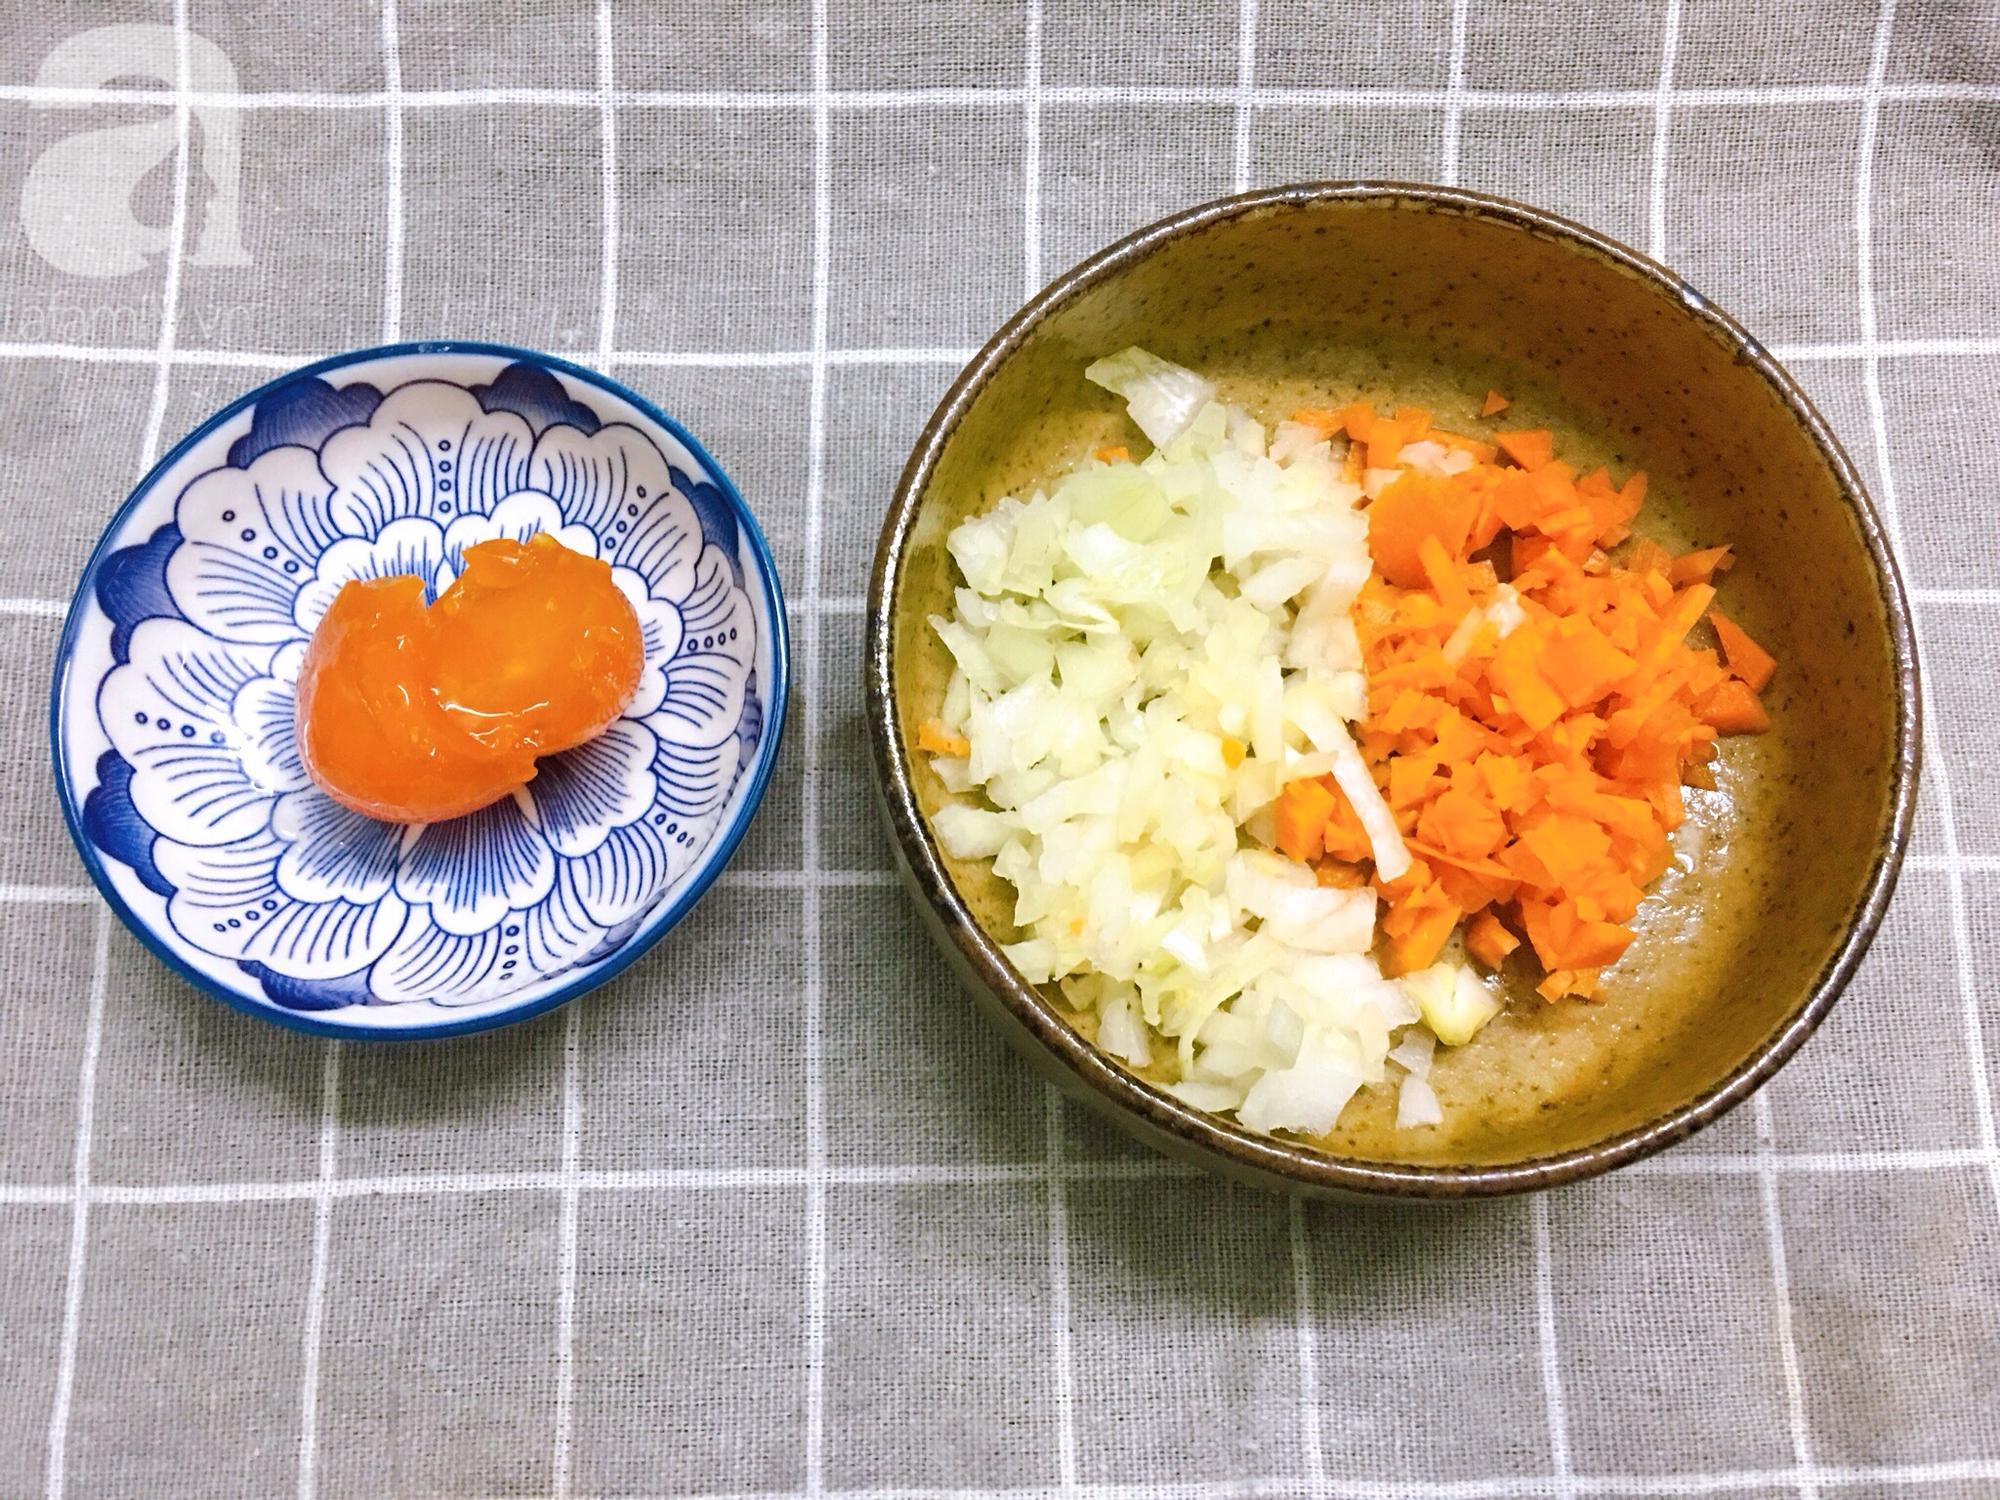 Thử ngay món mới cho bữa tối hôm nay: Chả hấp trứng muối ngon bất ngờ! - Ảnh 2